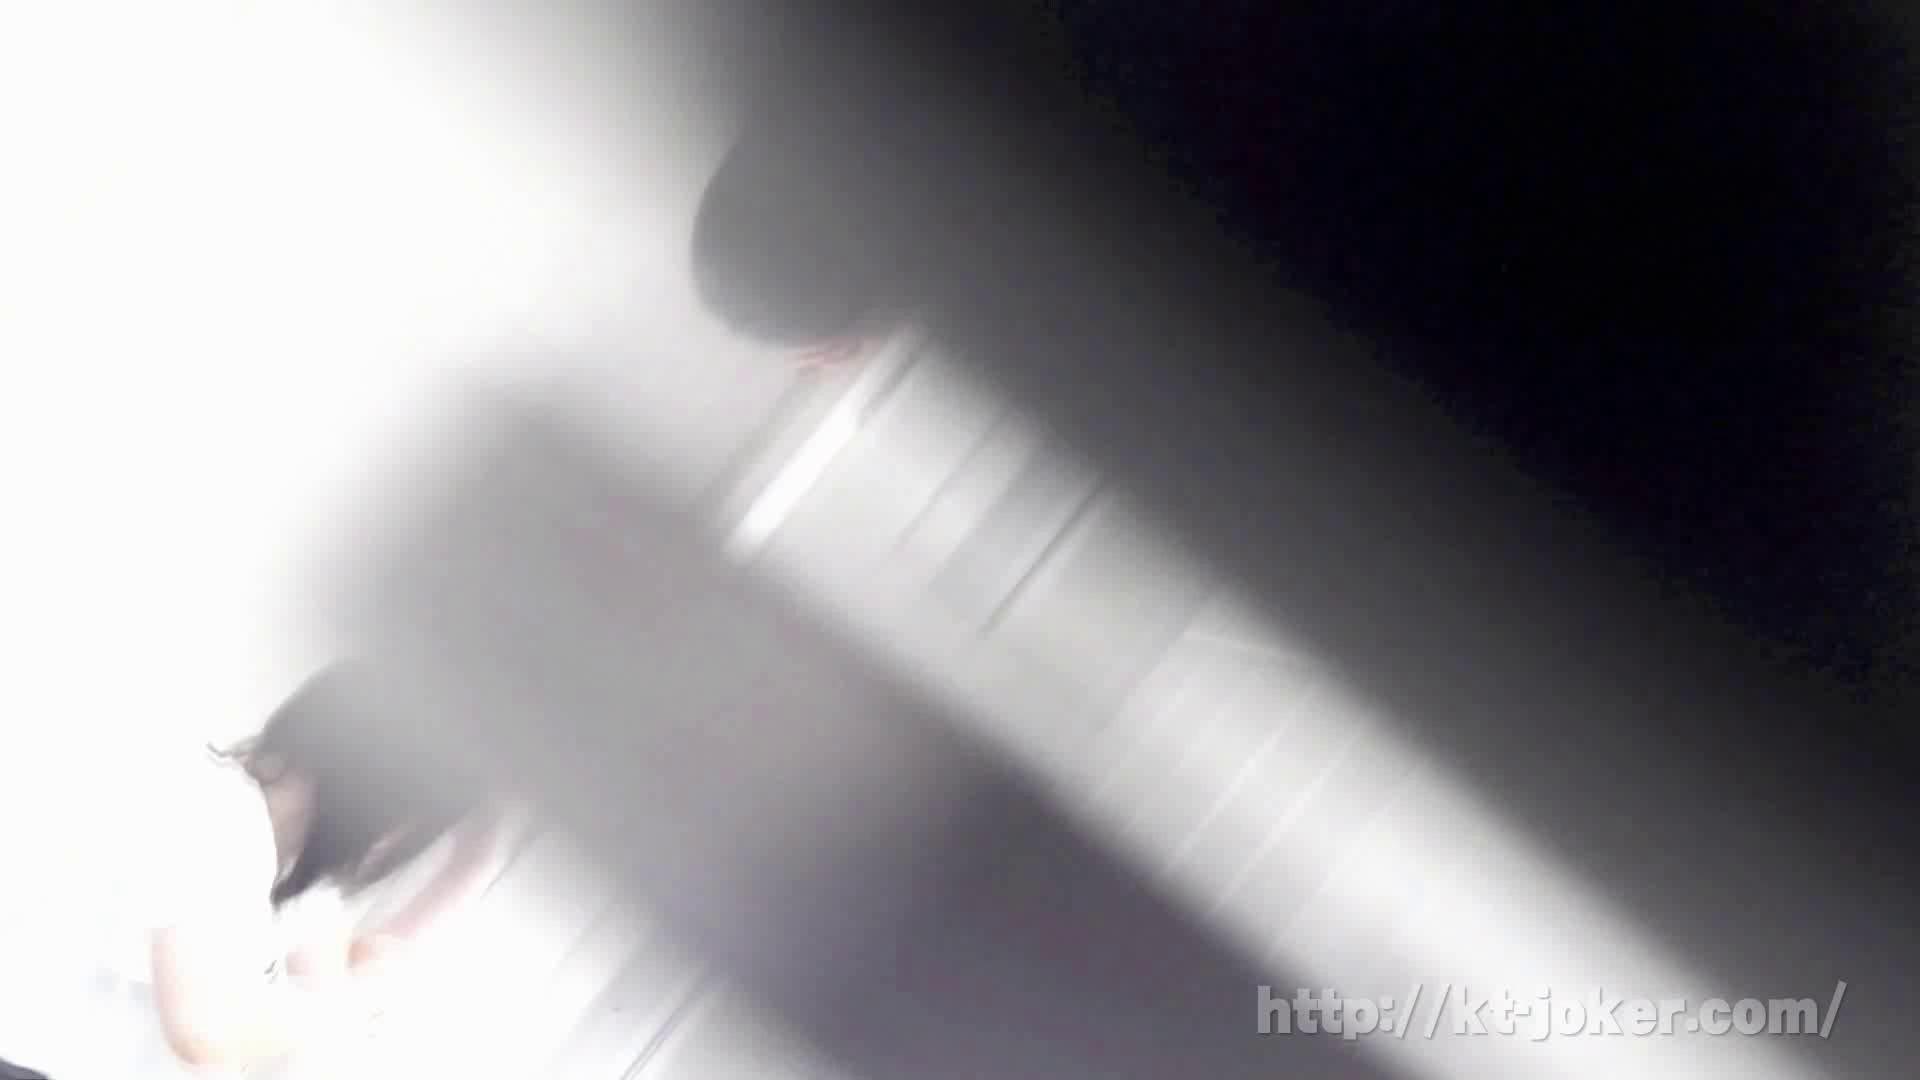 命がけ潜伏洗面所! vol.68 レベルアップ!! 0 | 0  28画像 26